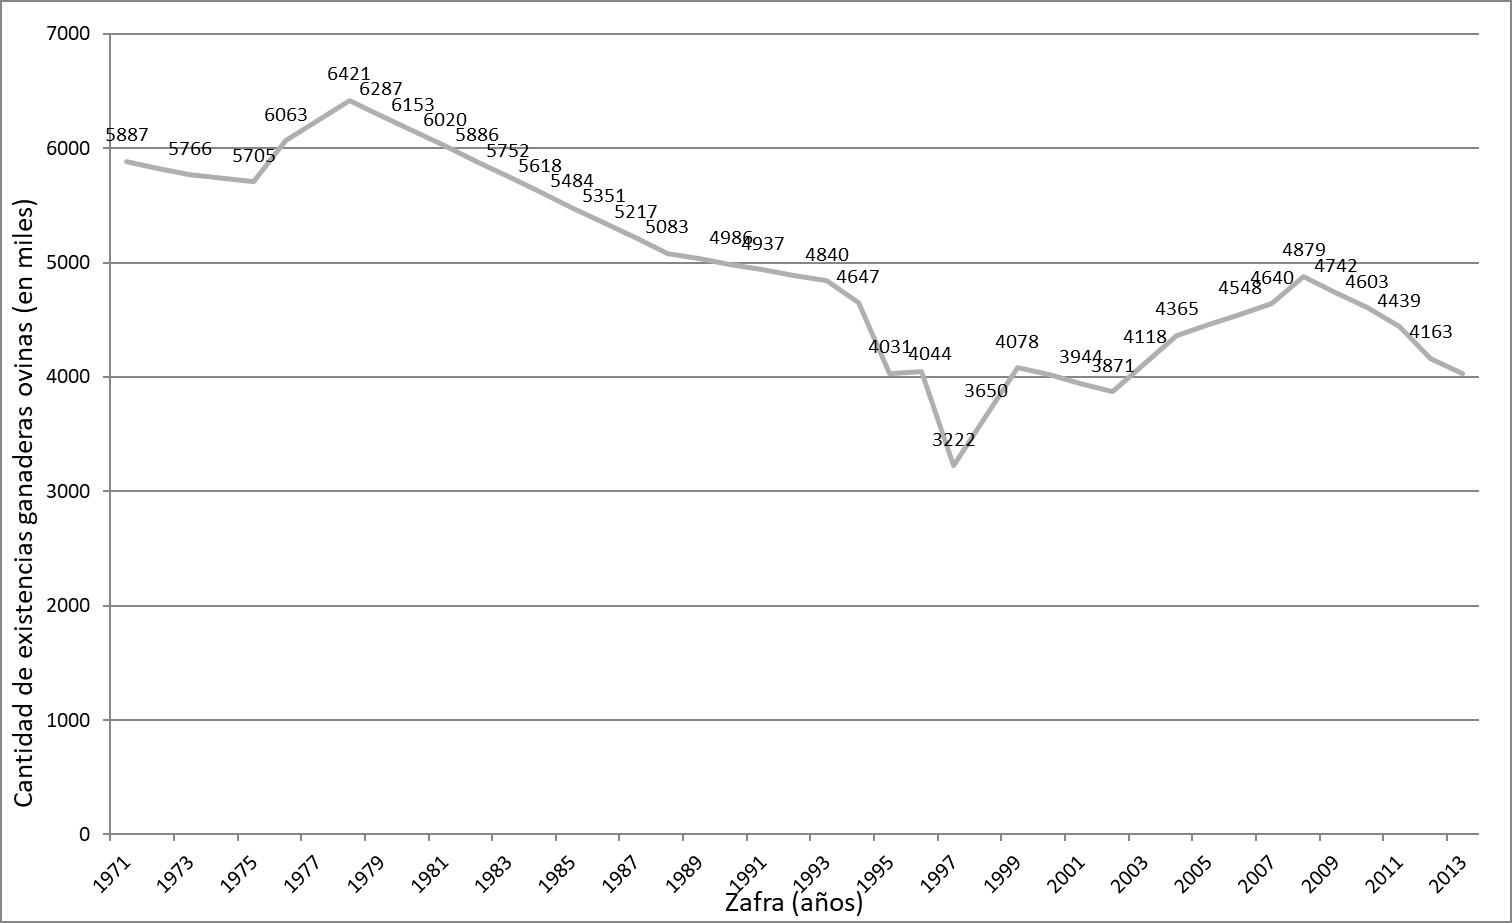 : Evolución de Cabezas de Ganado Ovinas en Chubut (1895-2013), en miles.